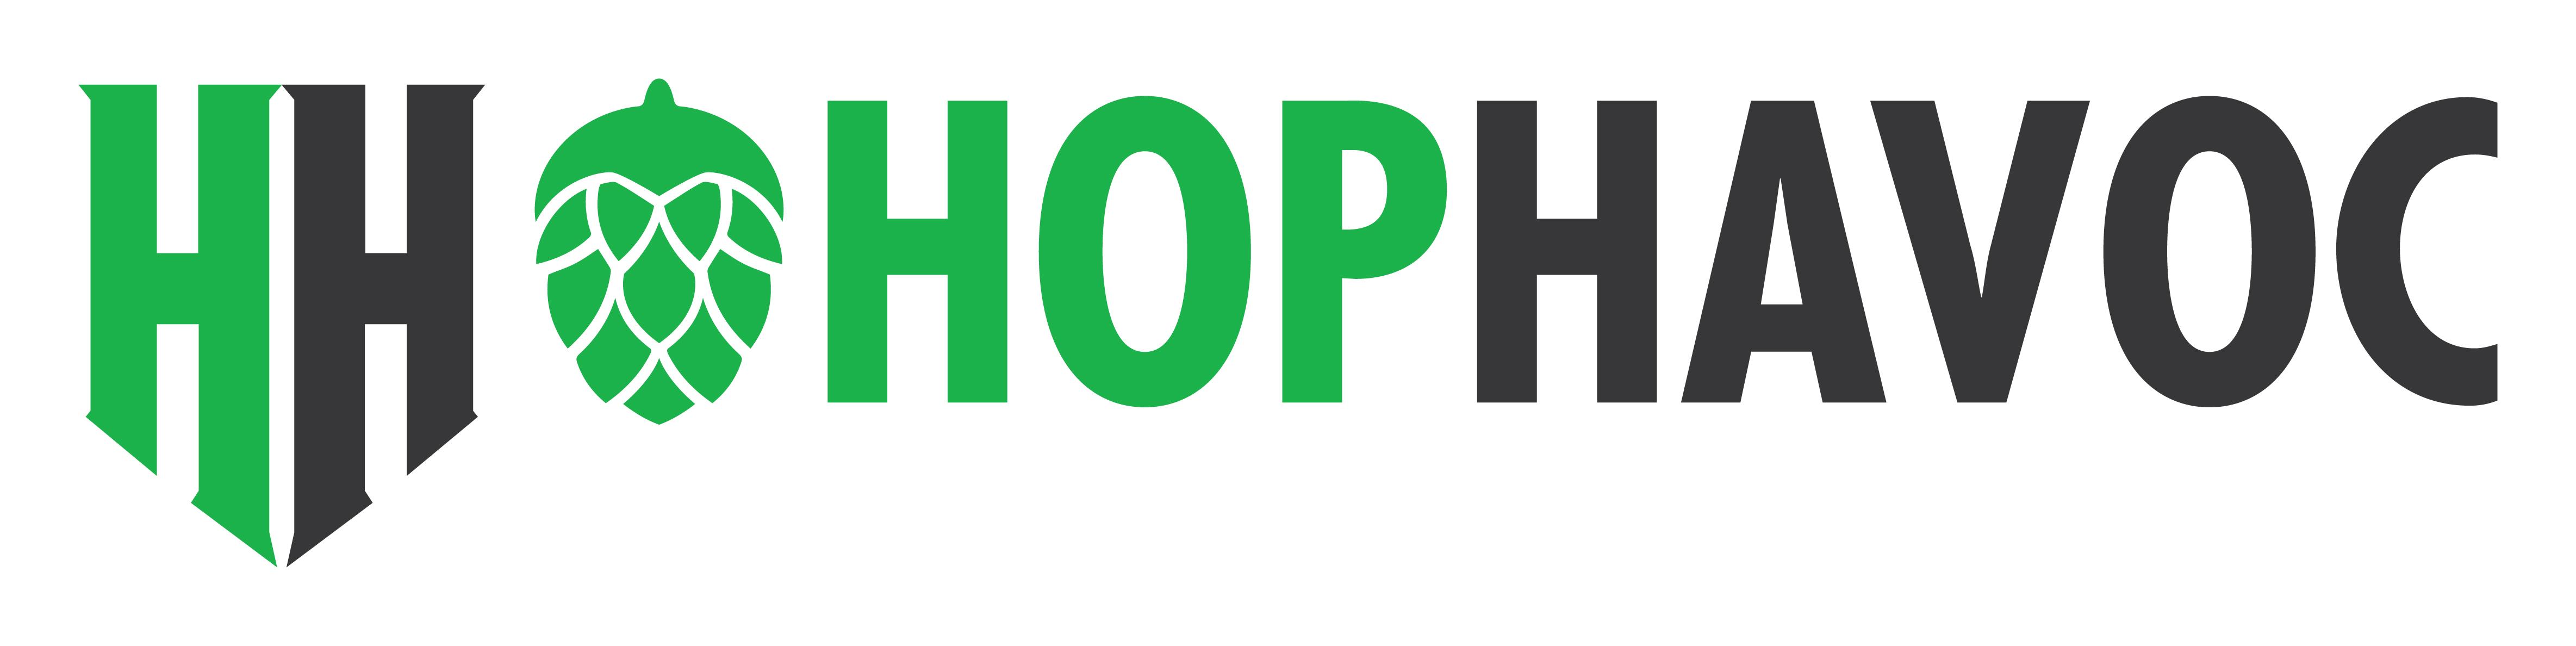 Hop Havoc Horizontal Logo